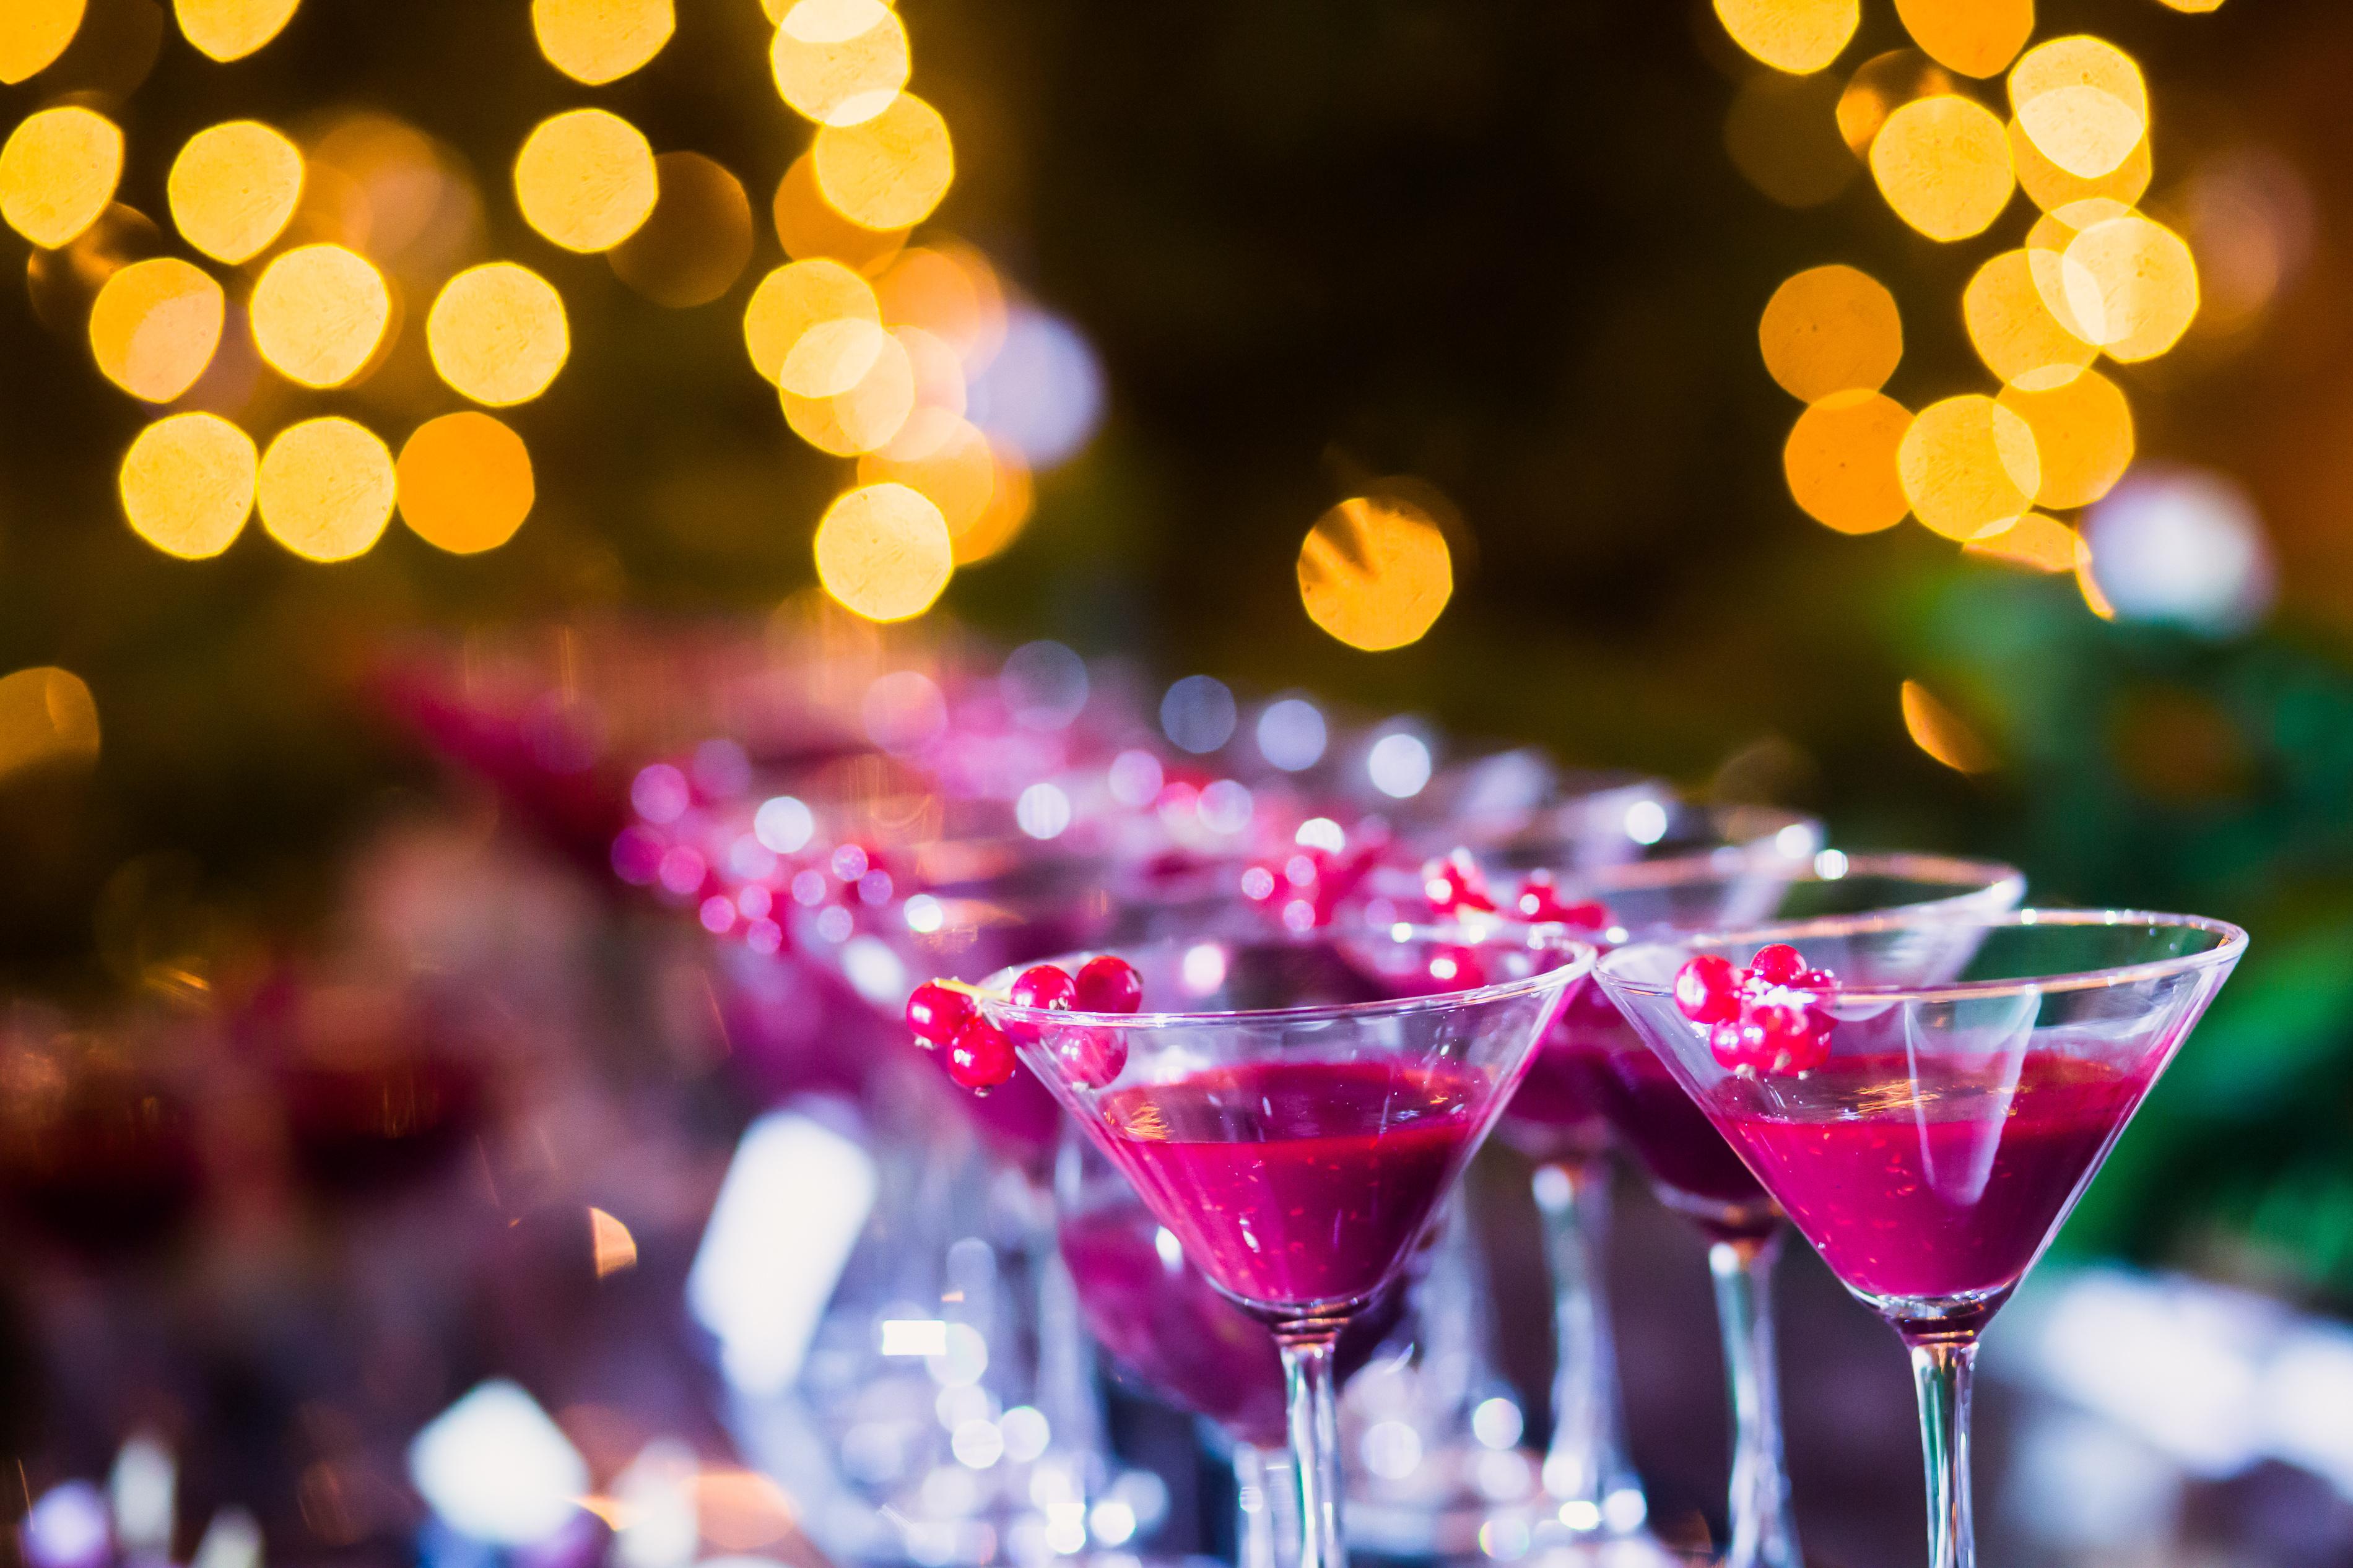 koktejly ve skleničkách